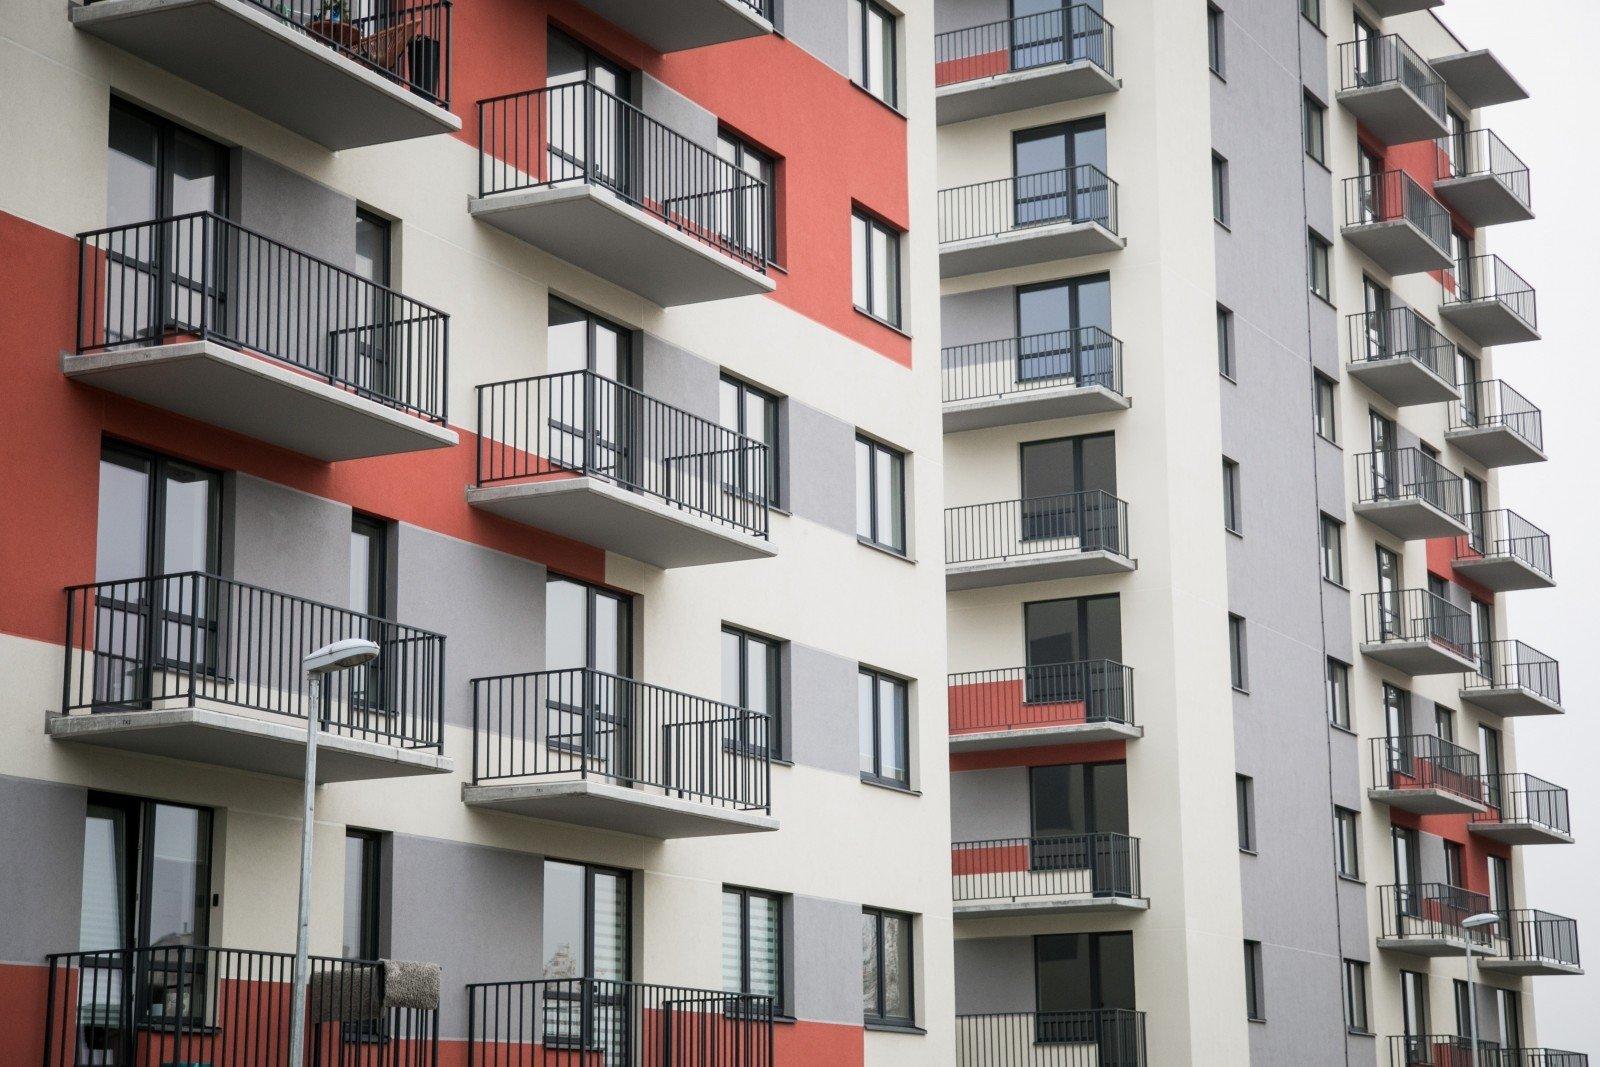 Квартира в вильнюсе купить квартиры в лос анджелесе цены в рублях